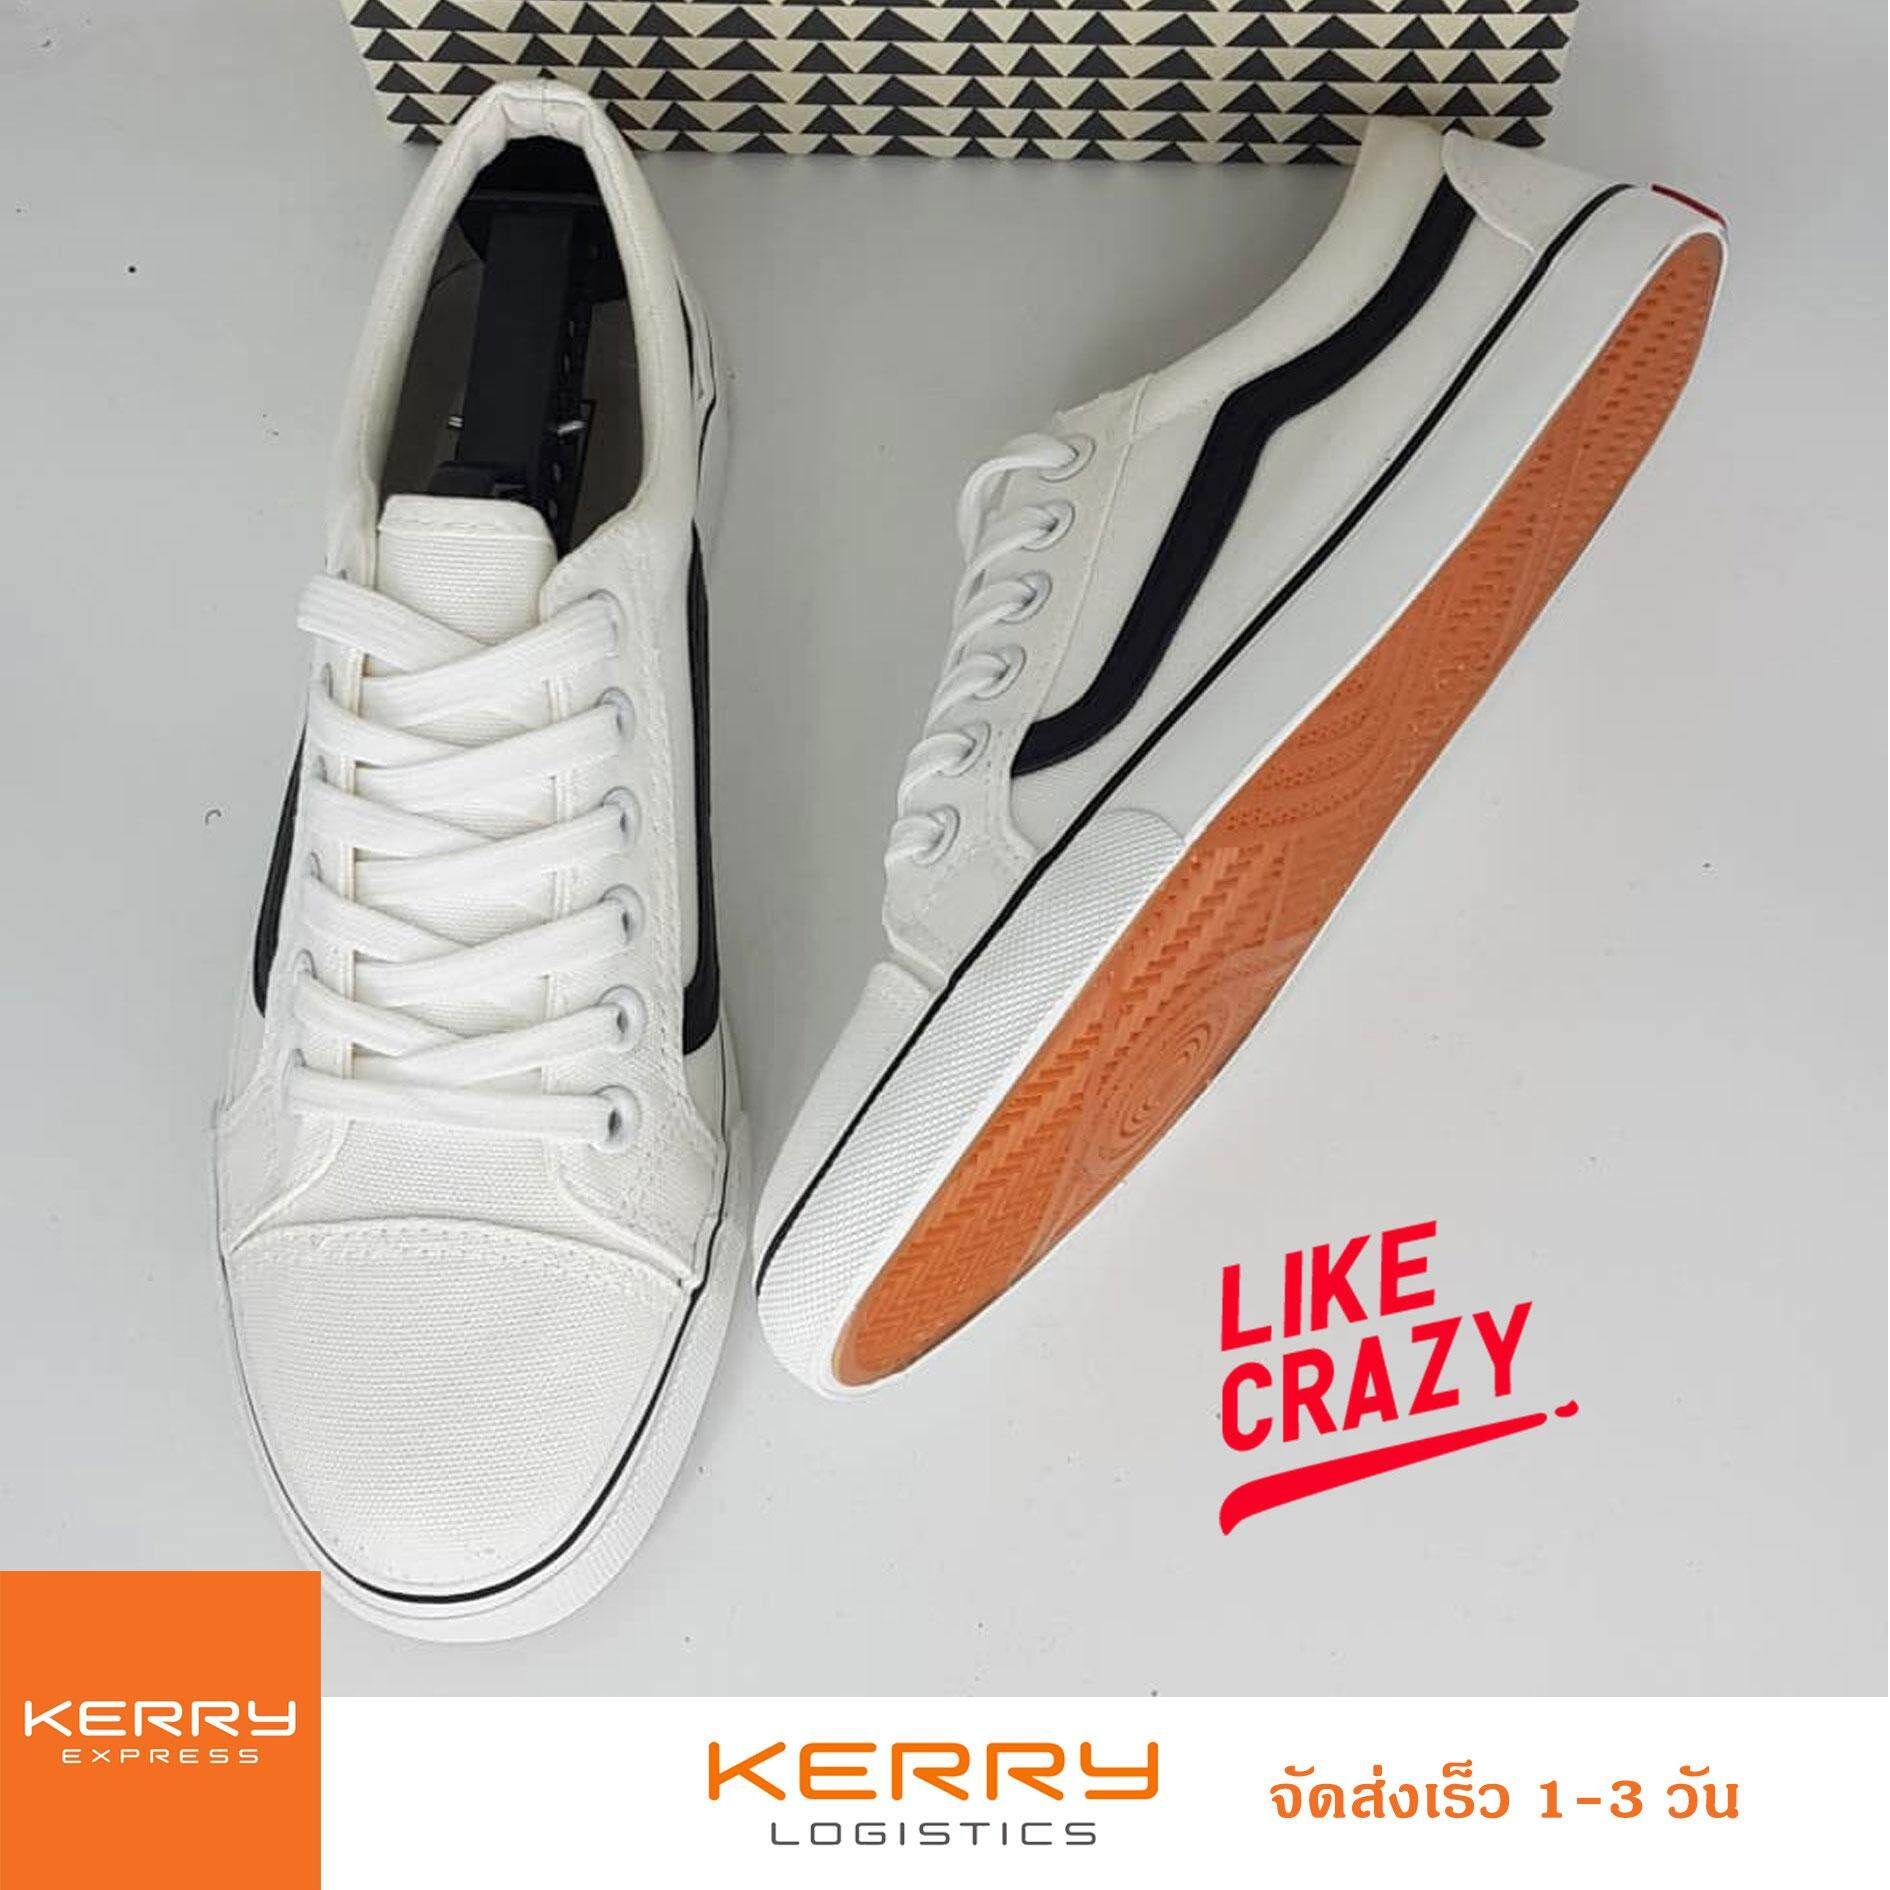 Like-Crazy รองเท้าผ้าใบผู้ชาย ทรงยอดนิยม จังหวะนี้คือที่สุดของความ STREET!!!!